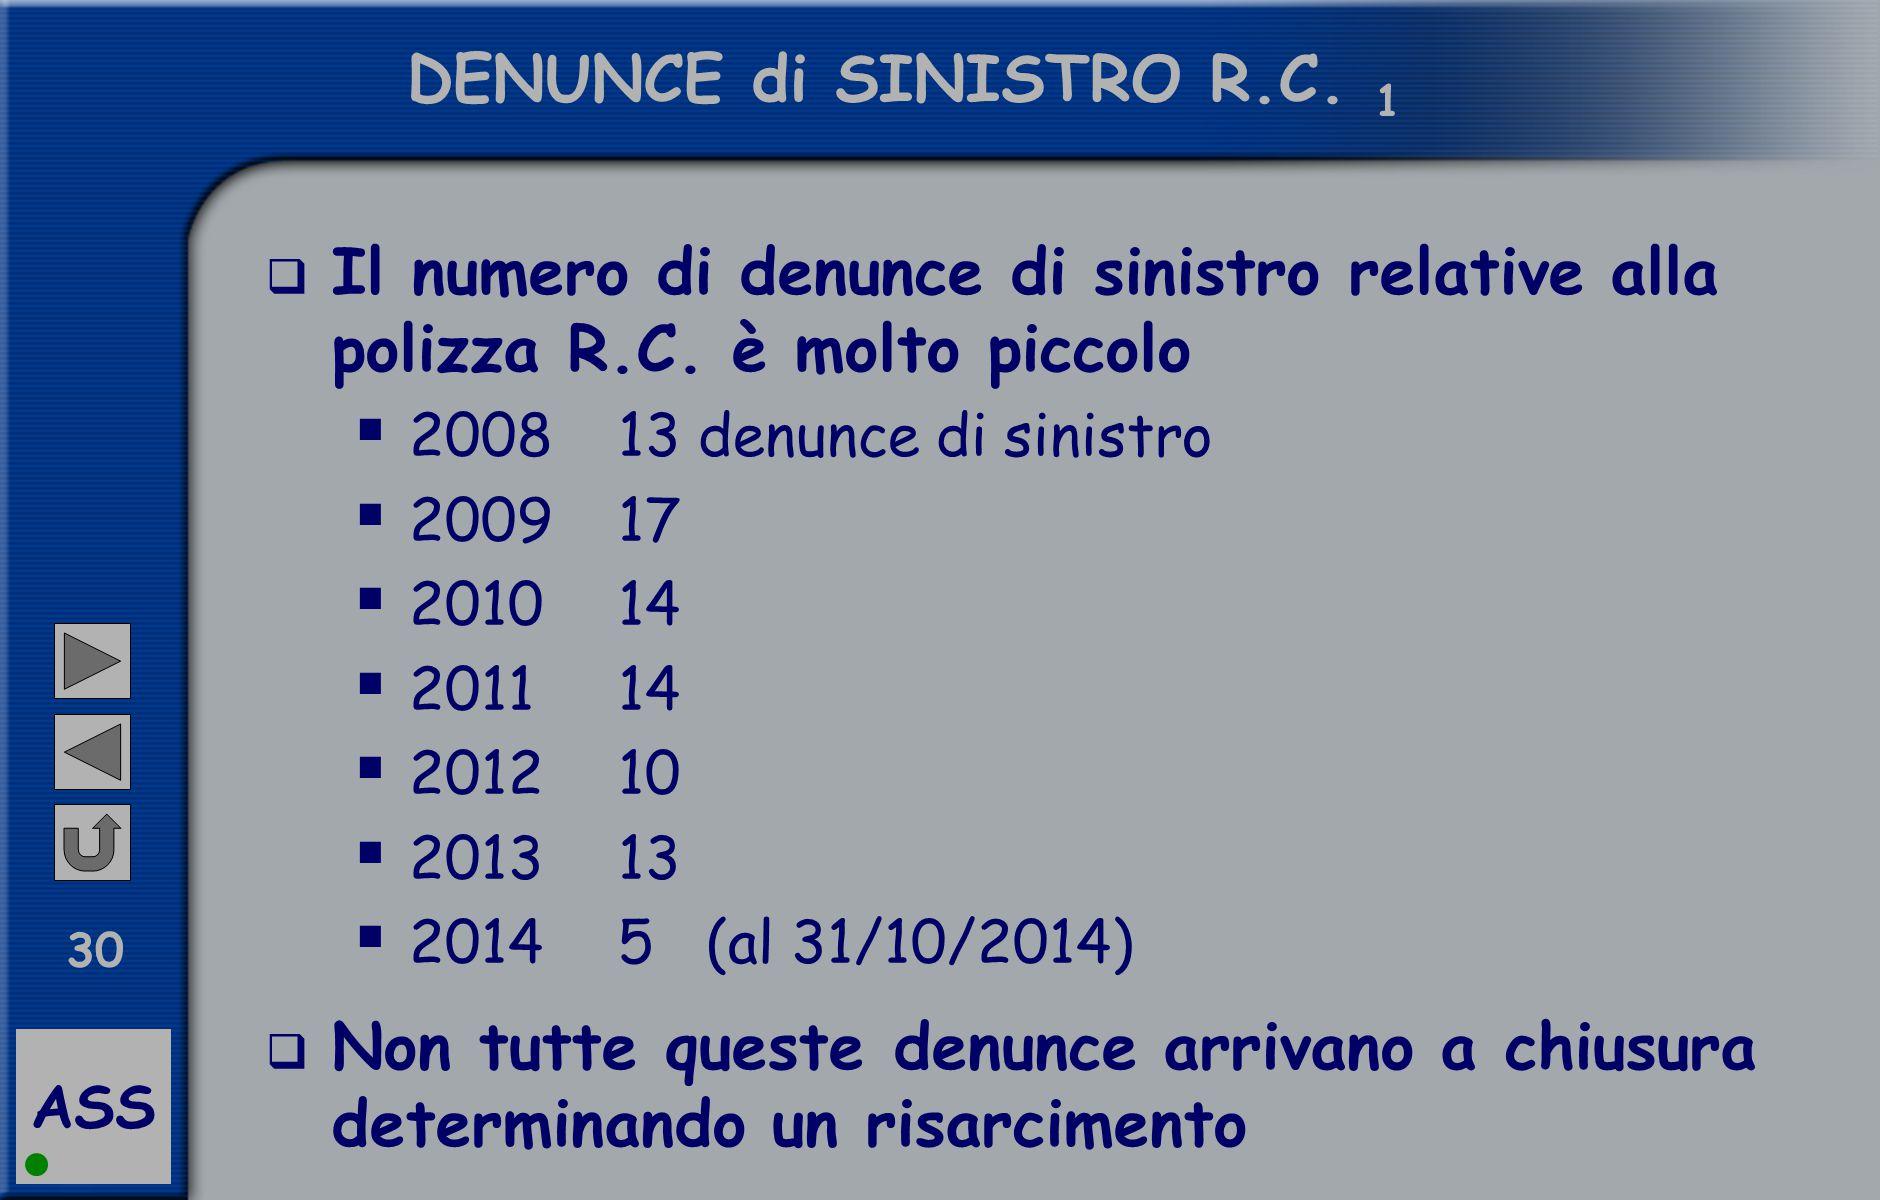 ASS 30 DENUNCE di SINISTRO R.C. 1  Il numero di denunce di sinistro relative alla polizza R.C. è molto piccolo  200813 denunce di sinistro  200917